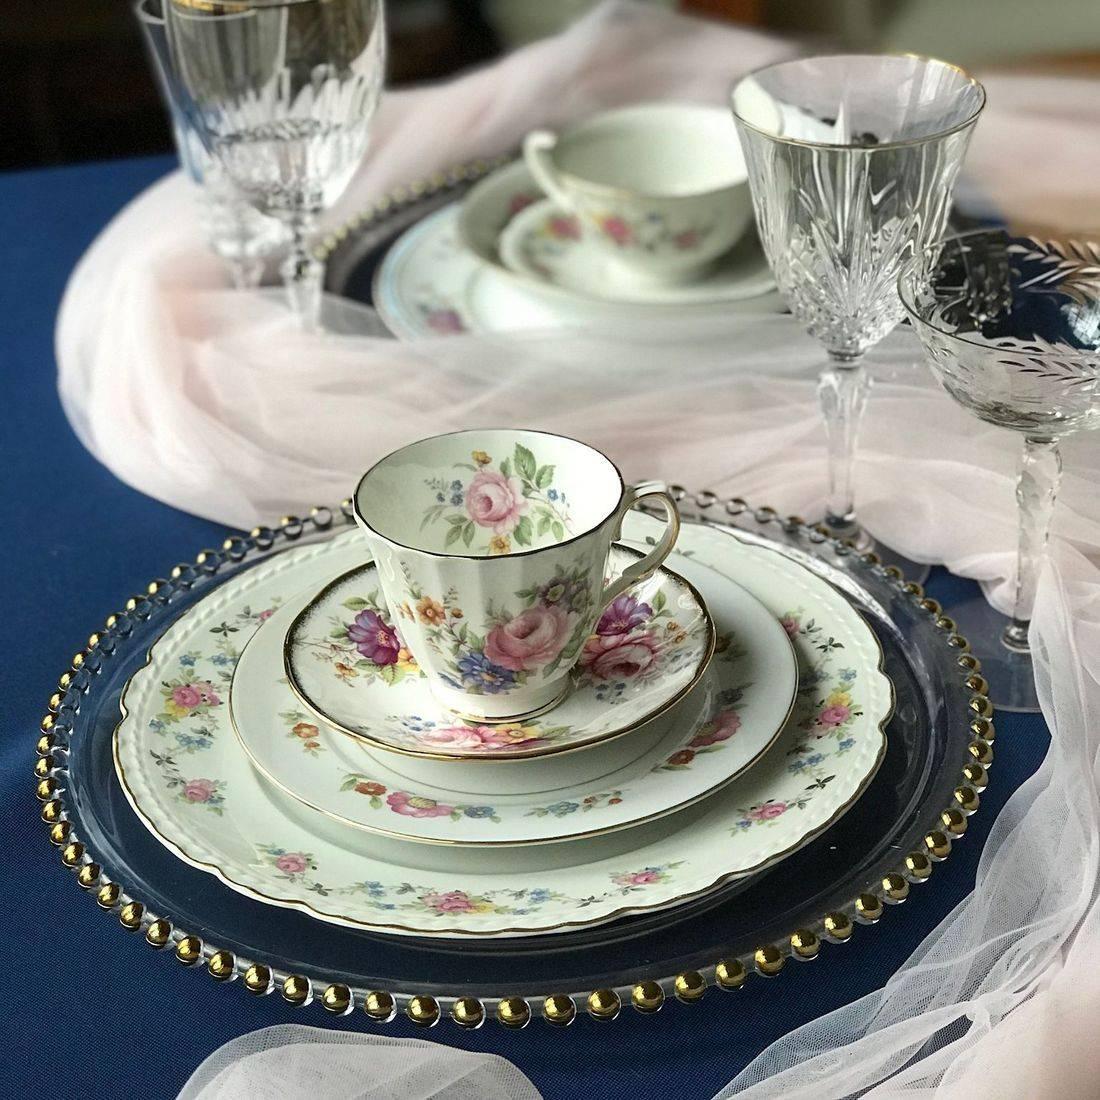 mismatched vintage china nj vintage goblets nj  vintage china rental nj vintage goblet rentals nj